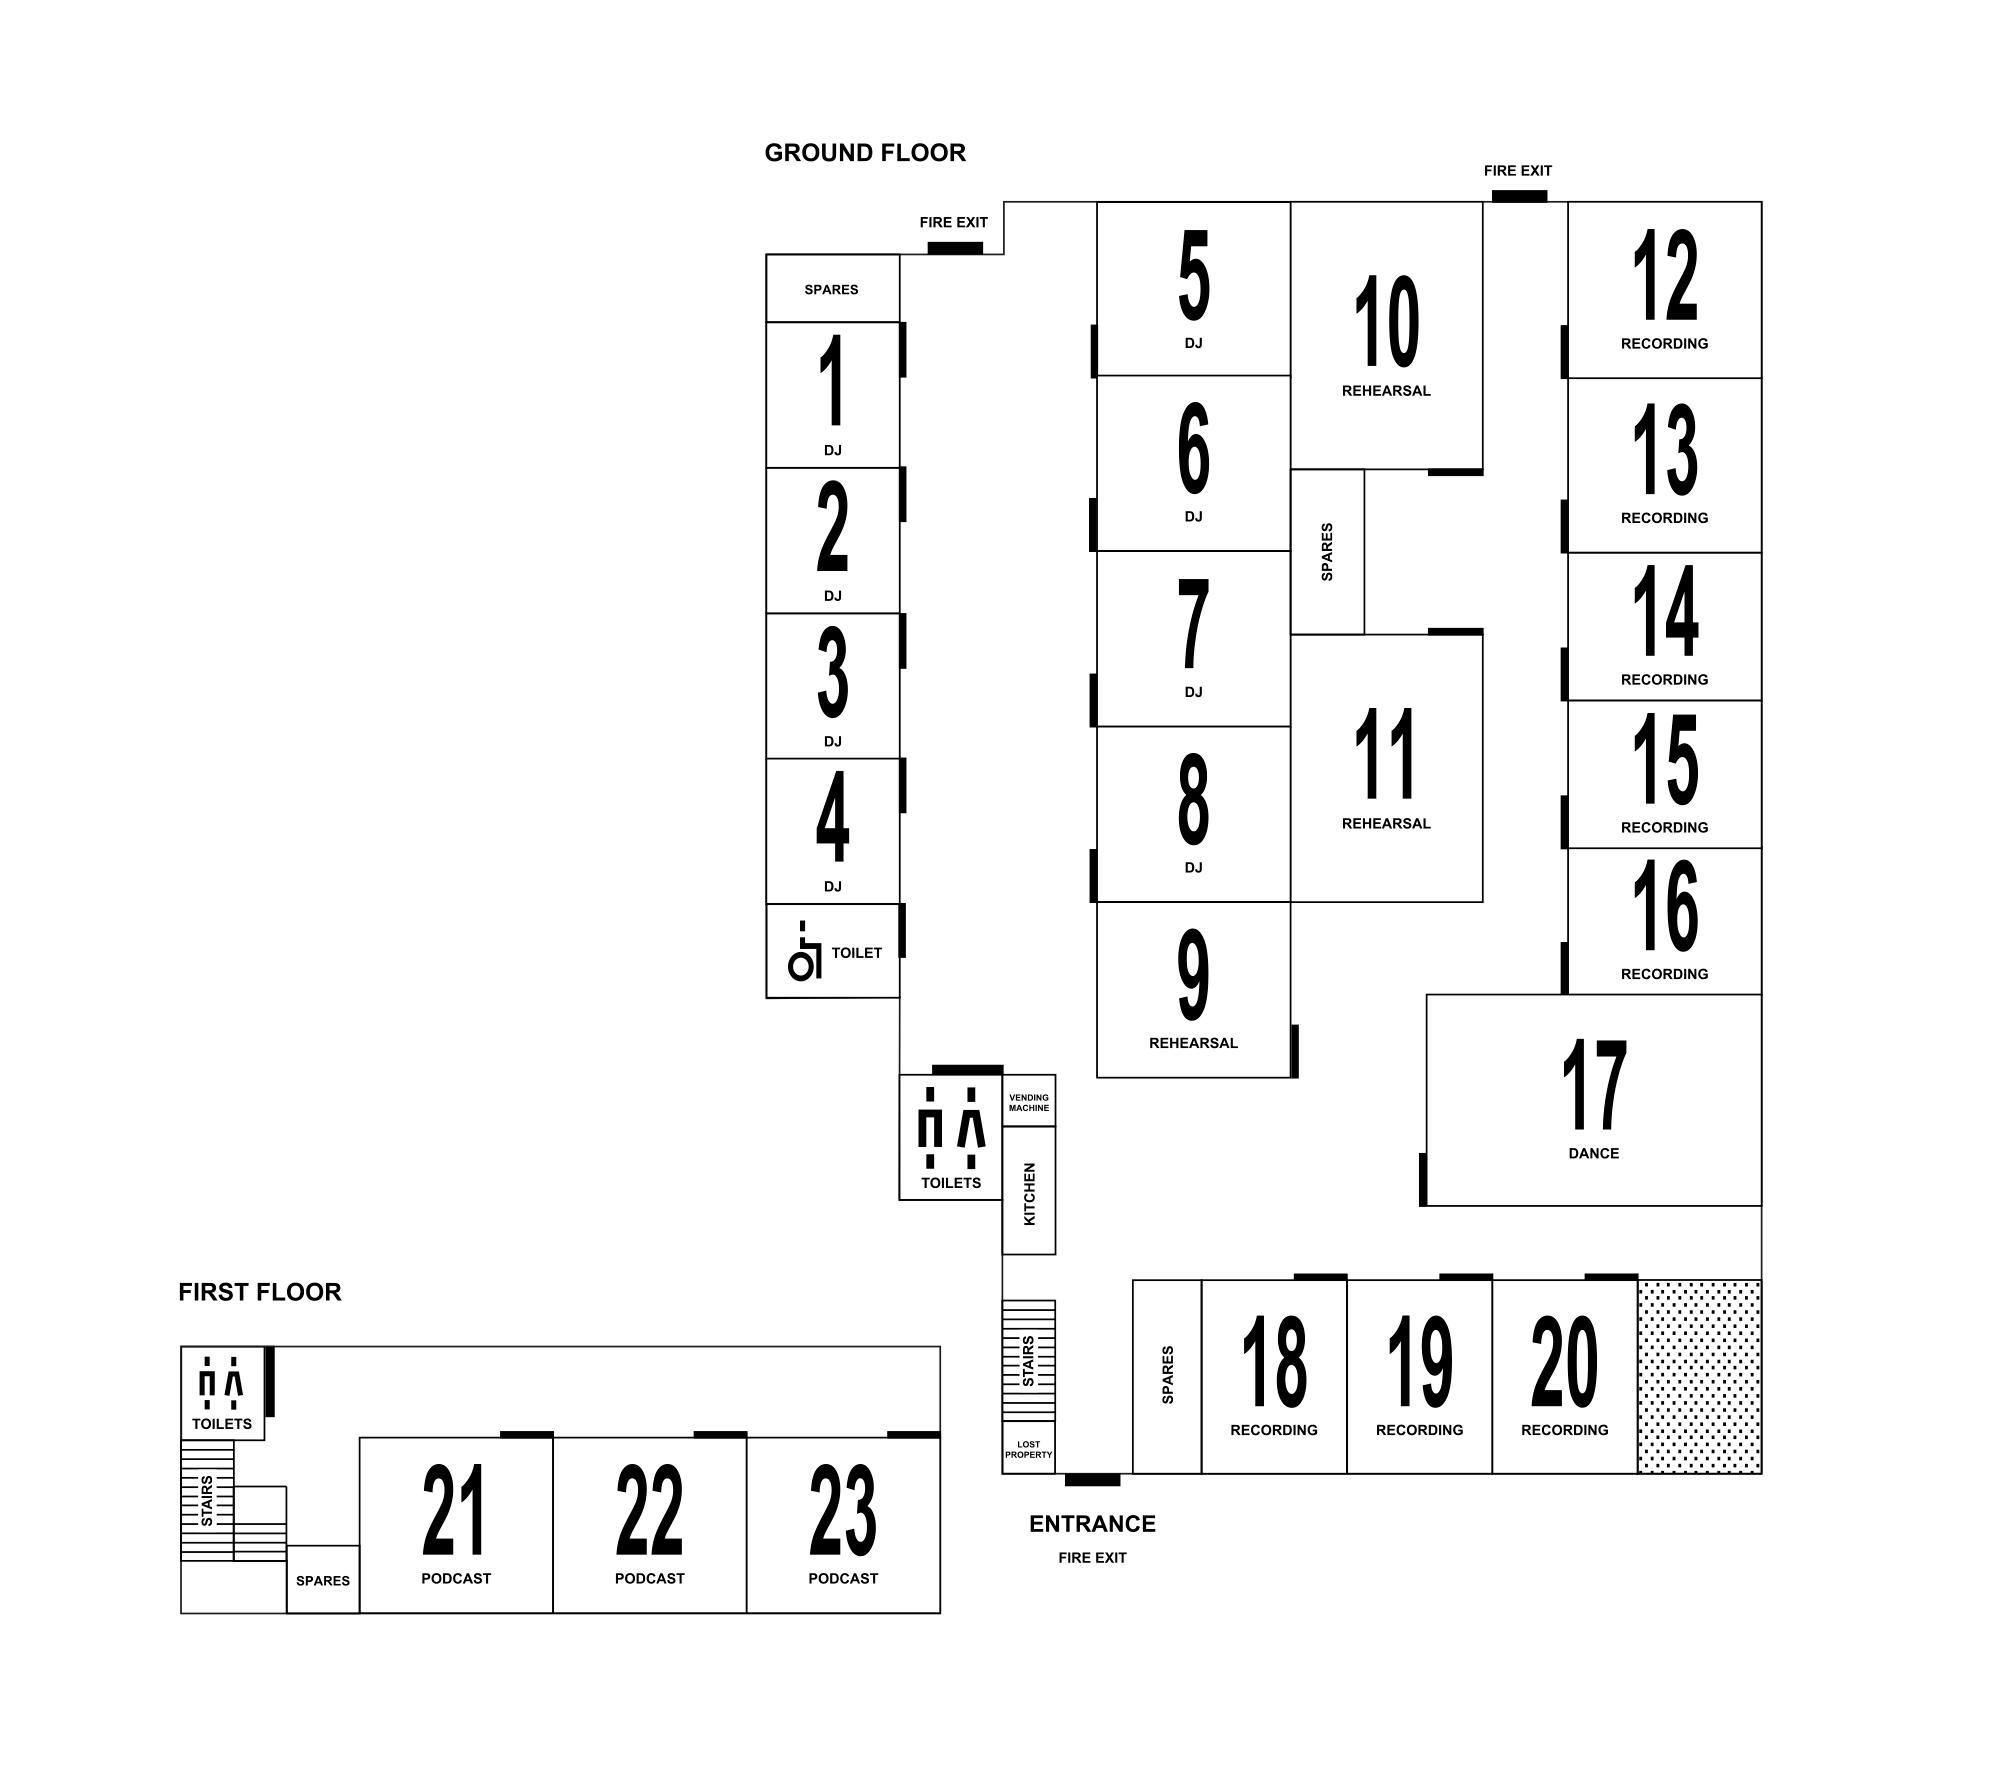 Floorplan: Ground & first floor